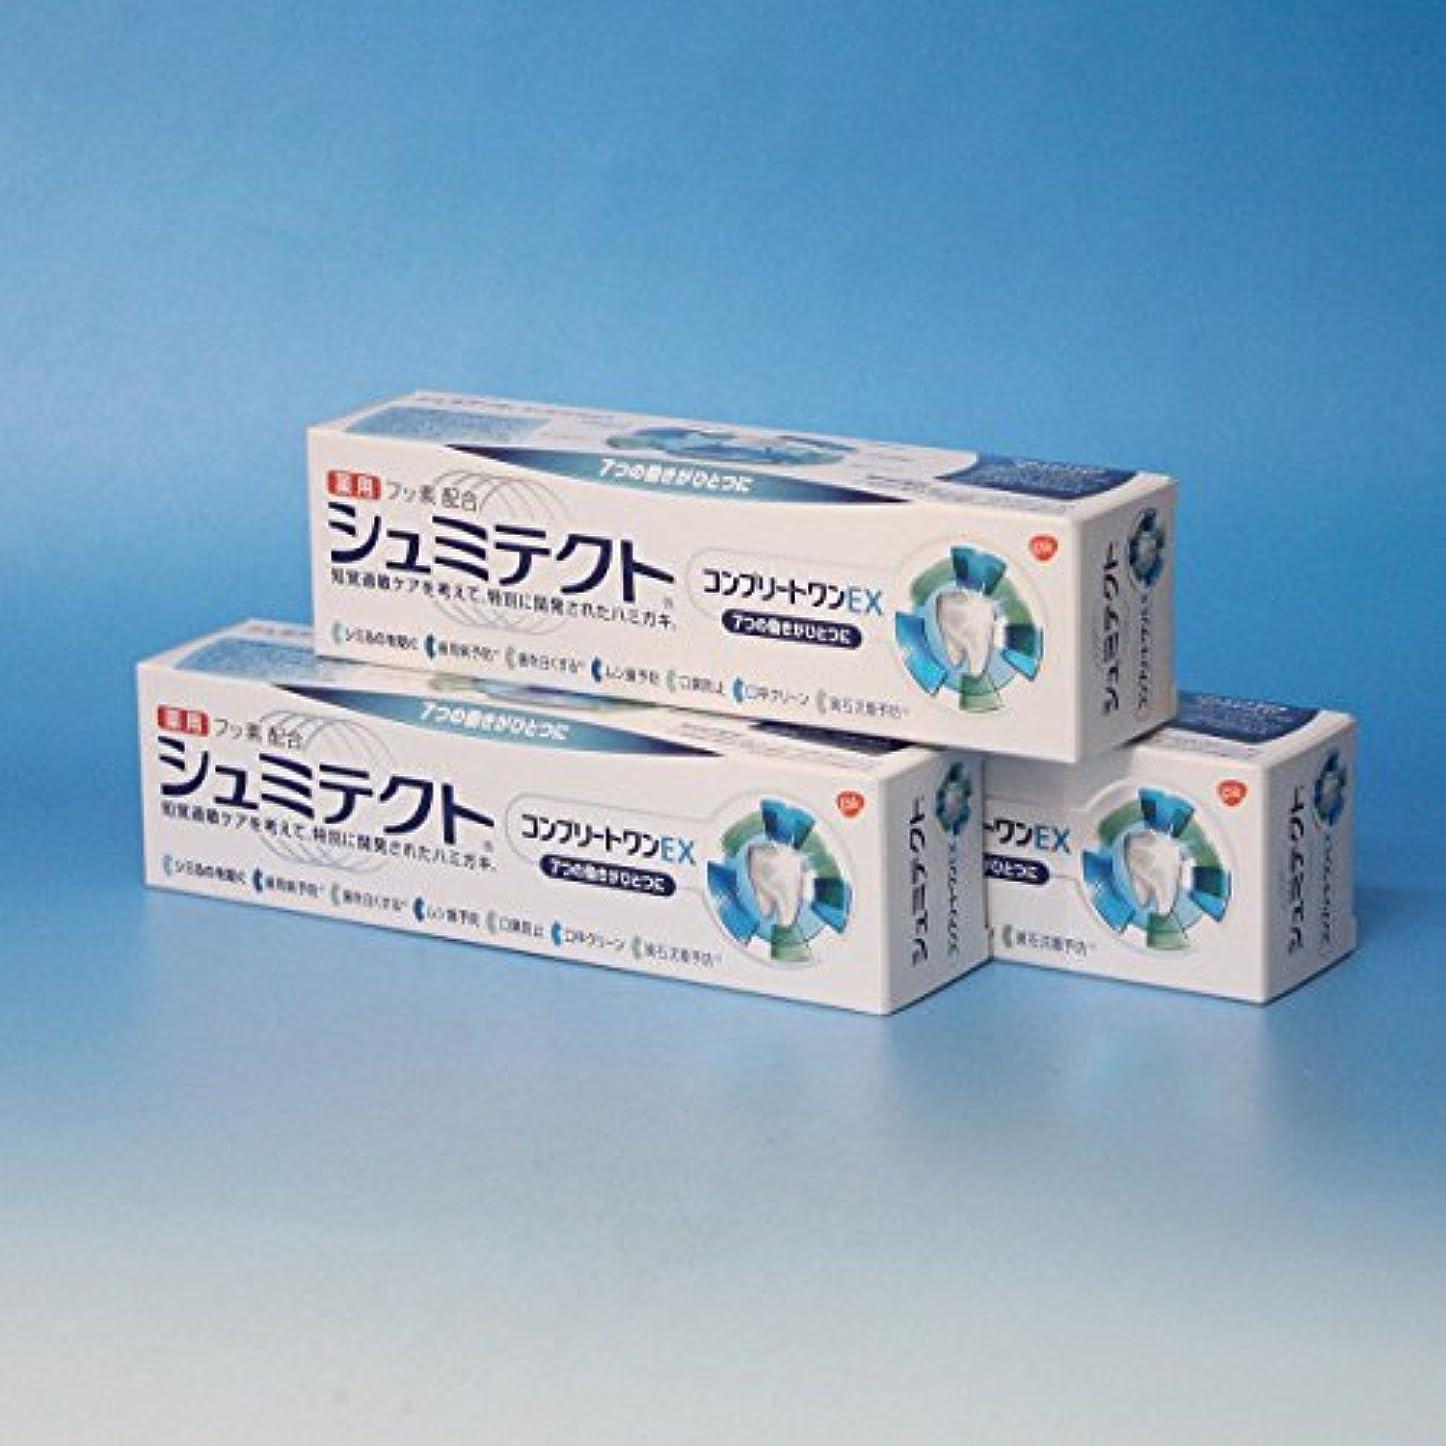 キャビンに付ける絶縁する【アース製薬】シュミテクトコンプリートワンEX 90g ×3個セット